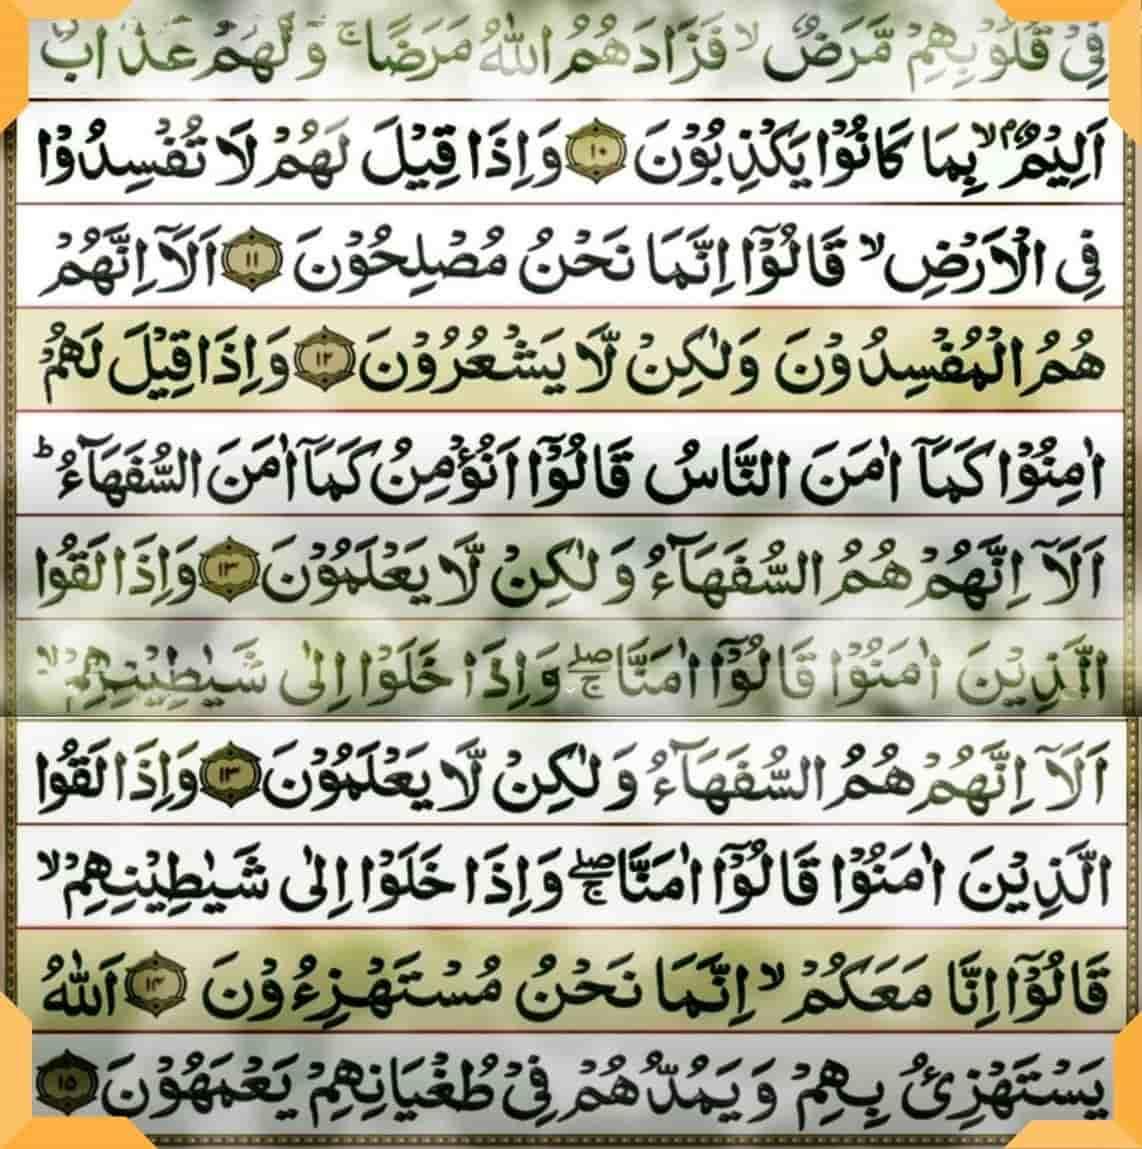 कुरान शरीफ की तिलावत हिंदी अर्थ